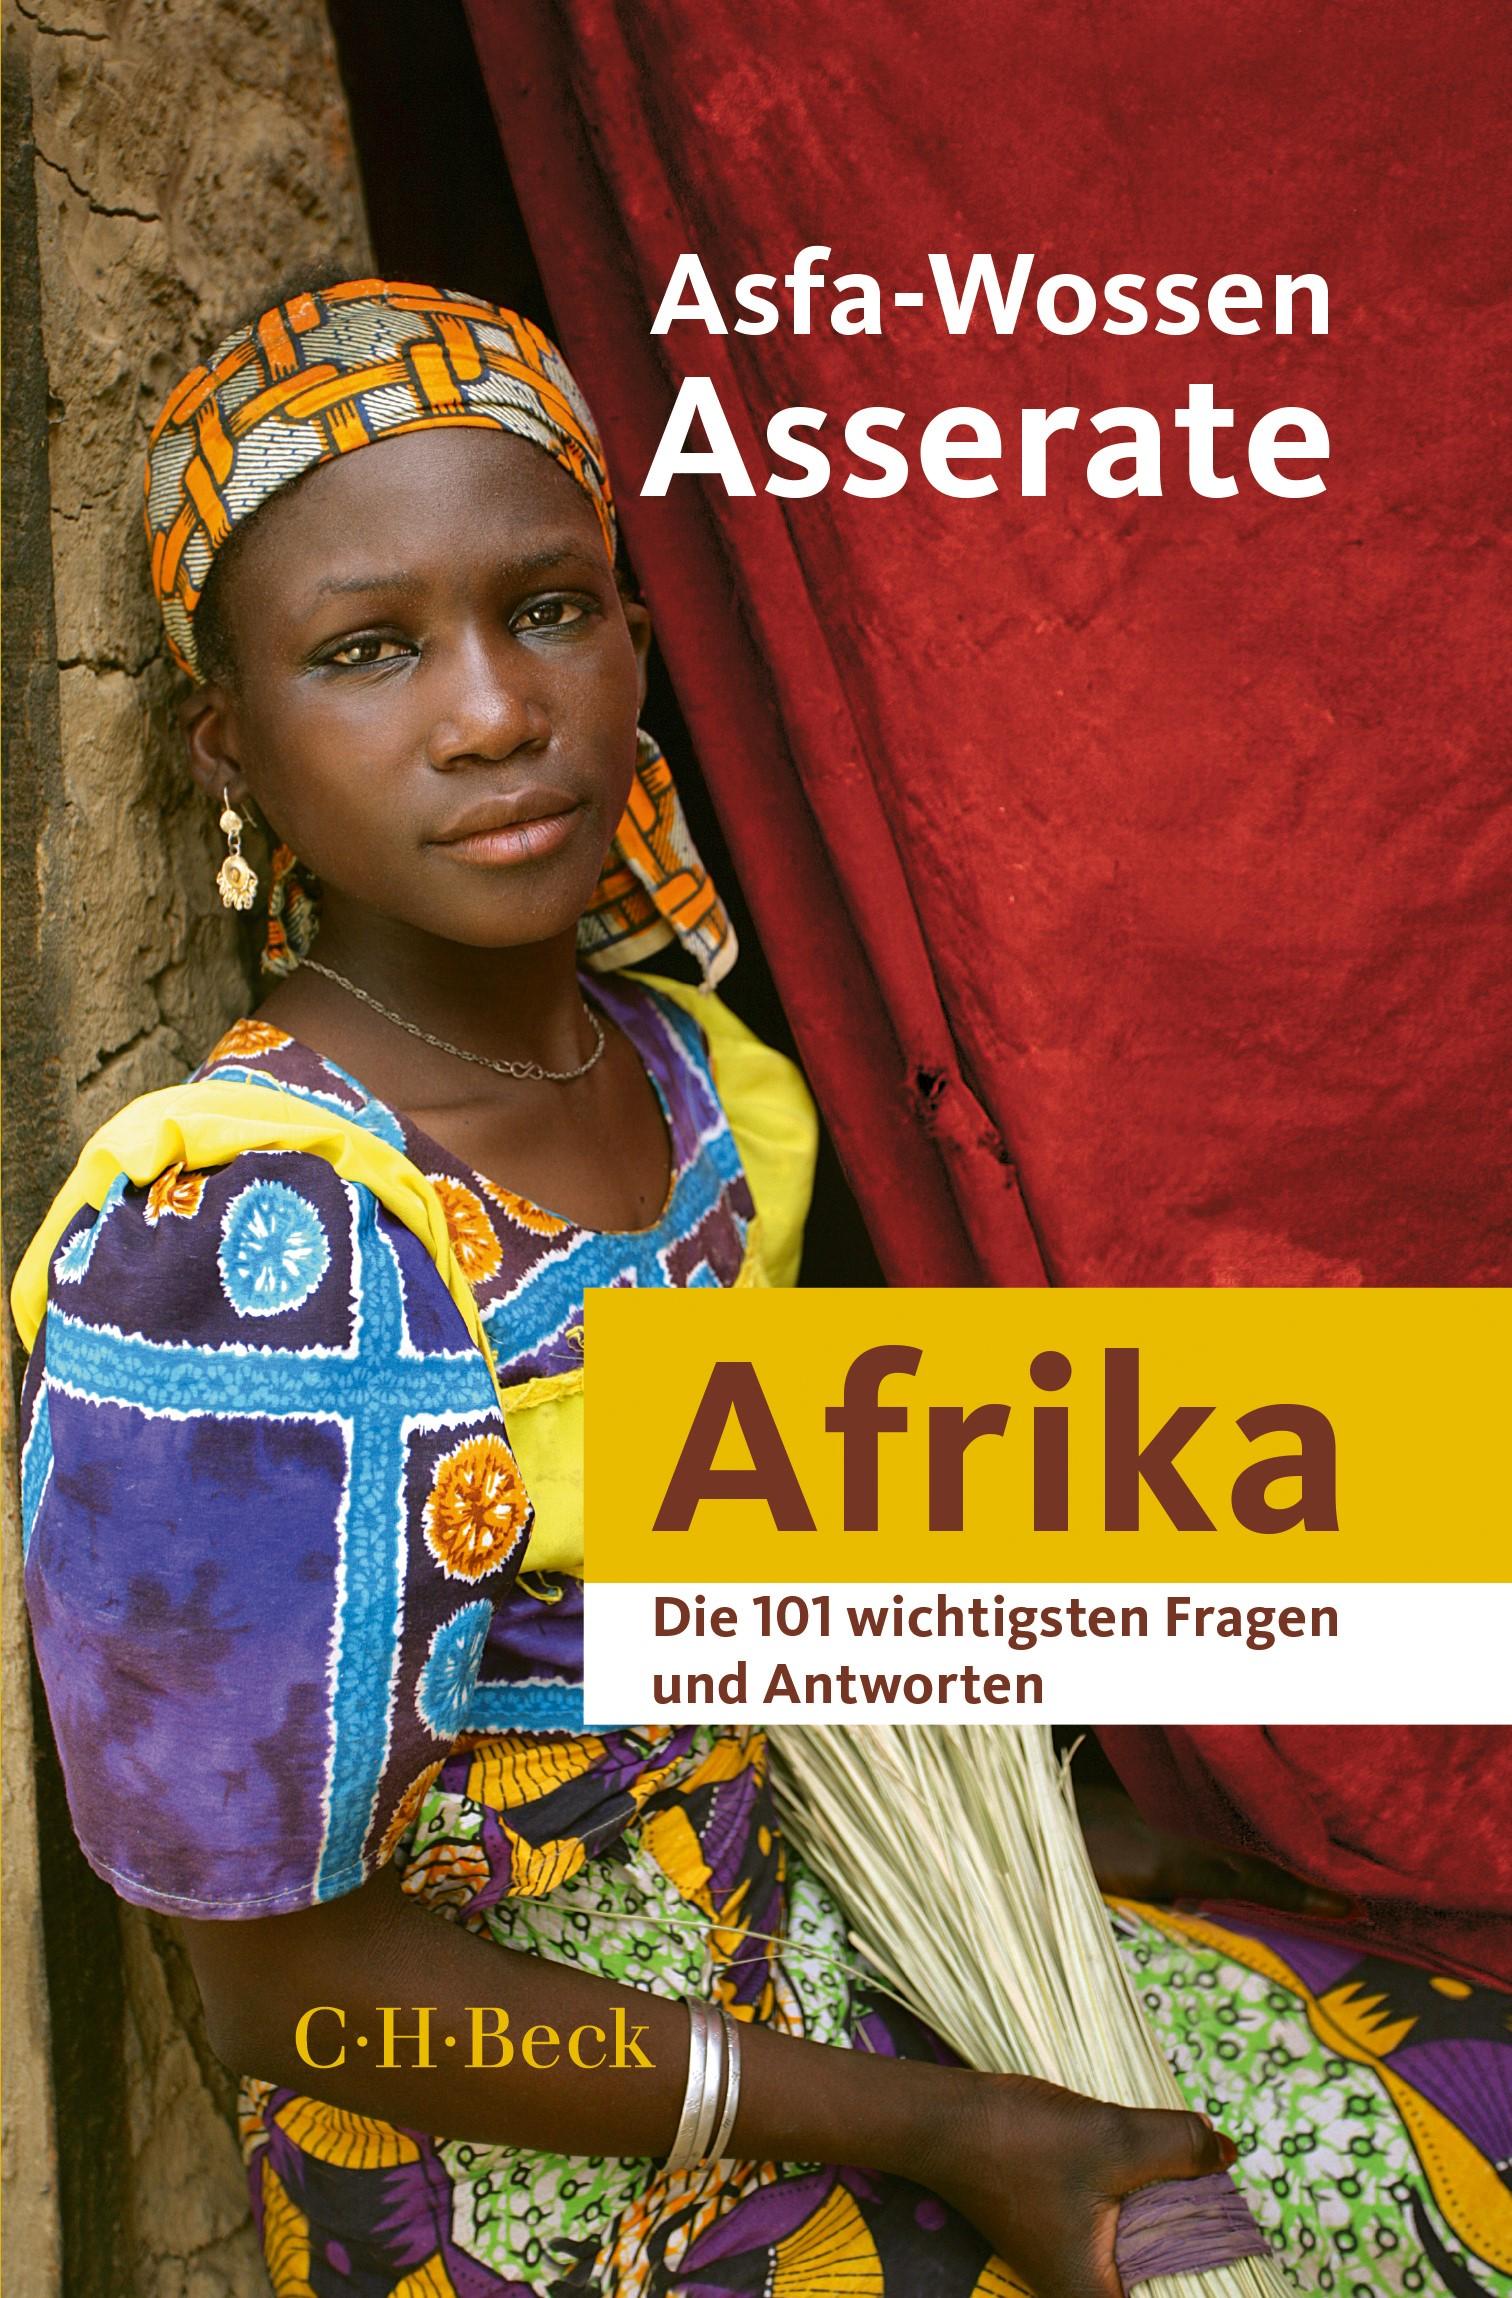 Die 101 wichtigsten Fragen und Antworten - Afrika   Asserate, Asfa-Wossen   2., überarbeitete und aktualisierte und mit einem Nachwort versehene Auflage, 2018   Buch (Cover)